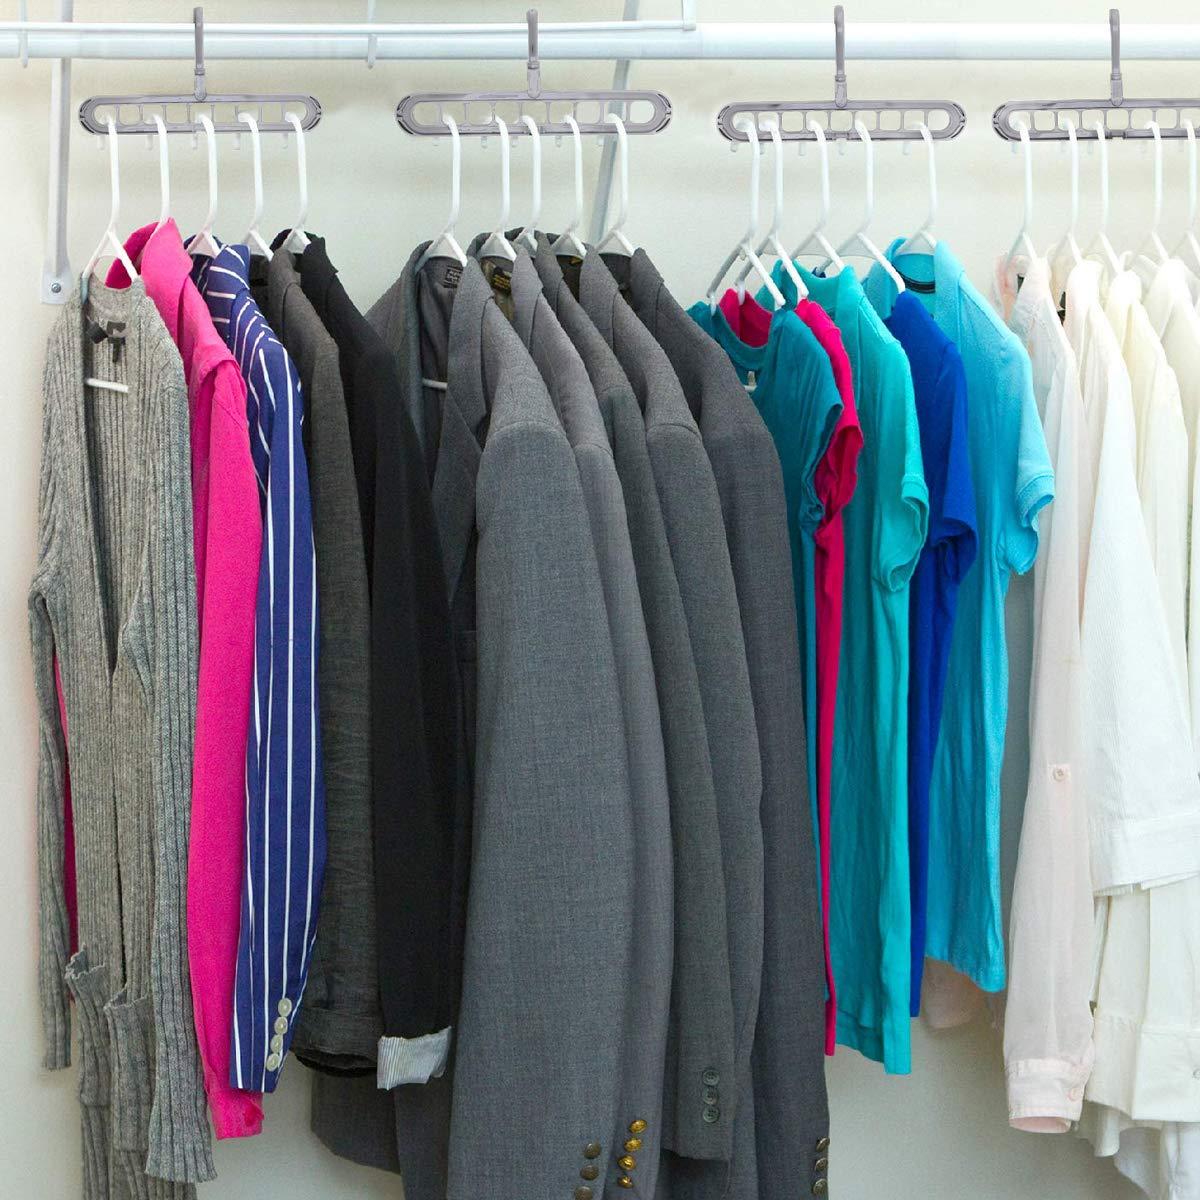 Grau Kleiderb/ügel Platzsparende,5 St/ück Magische Kleidung Multi Kleiderb/ügel Platzsparende Falten Haken Rack Kleiderschrank Organizer,Schrank Kleiderb/ügelhalter